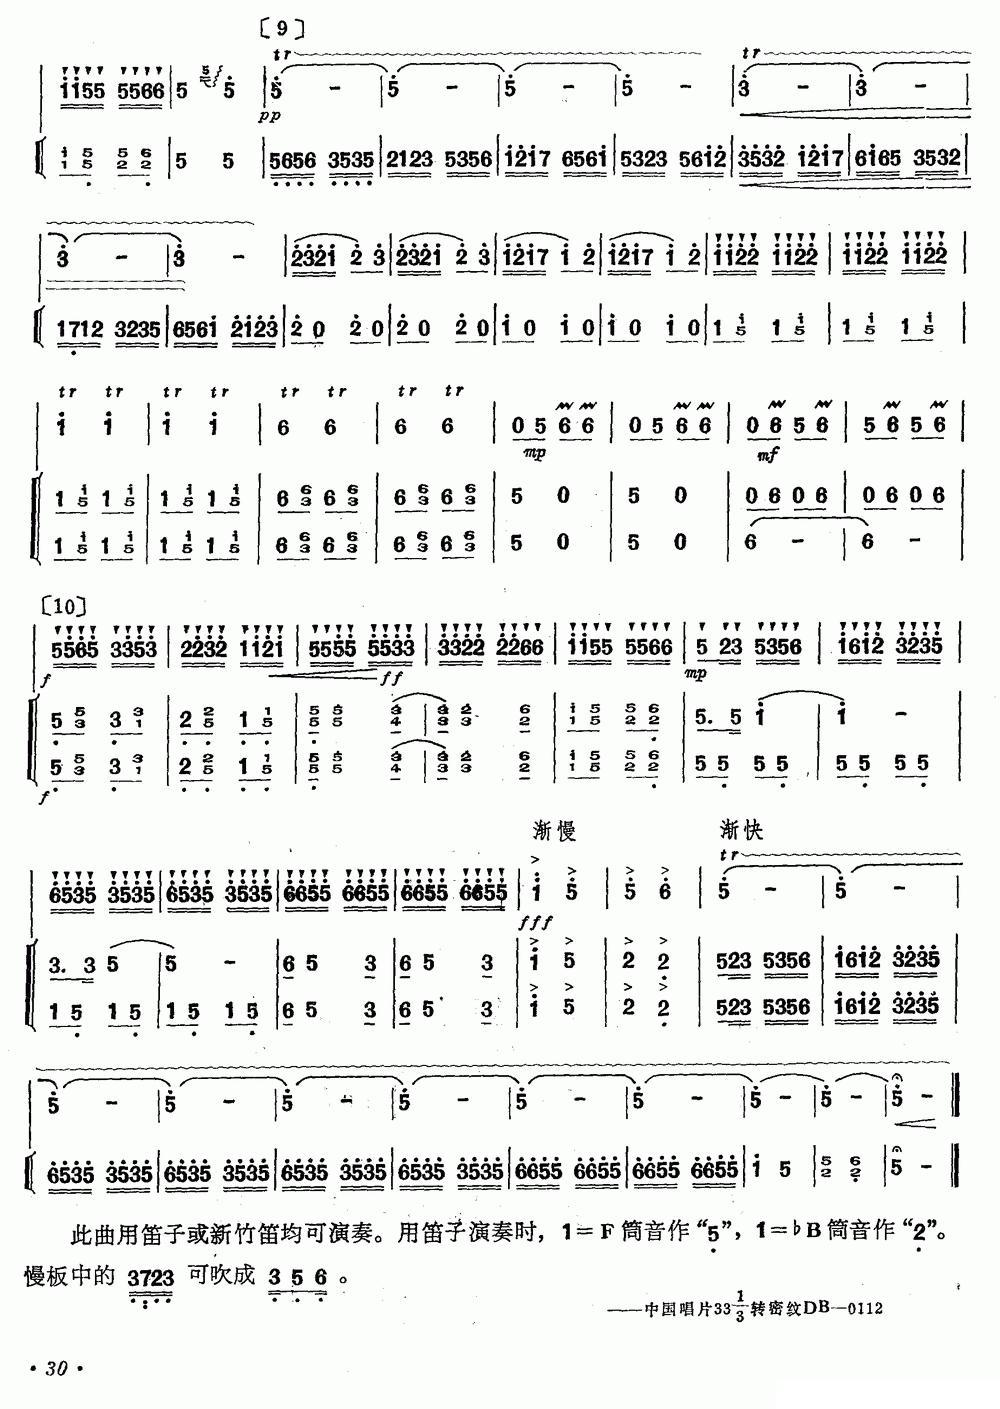 下载:迎春(笛子+伴奏)笛子(箫)曲谱(图6)-迎春 笛子 伴奏